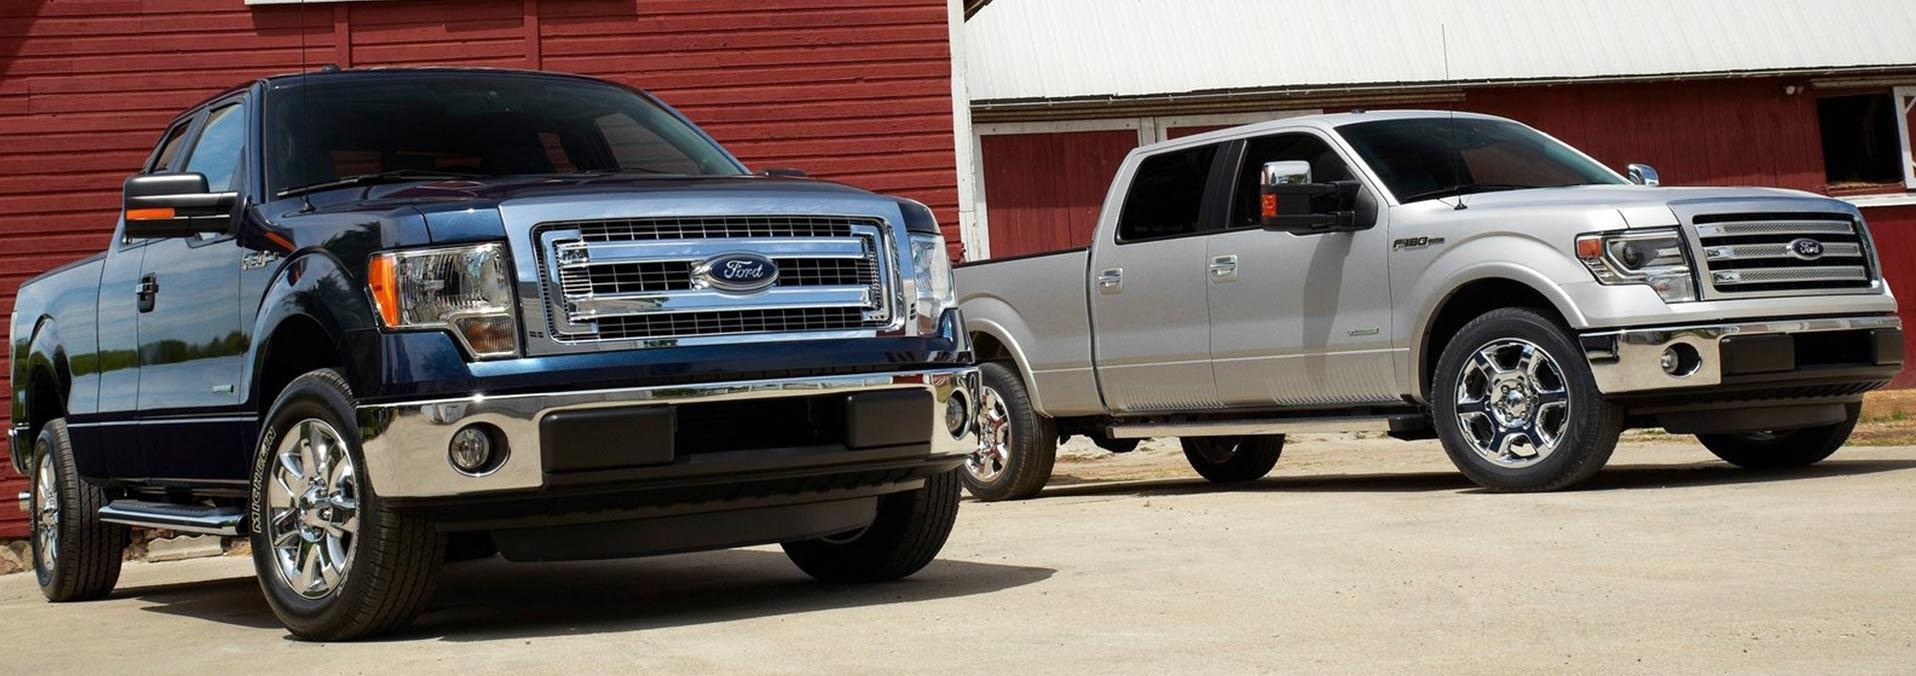 Used Cars Hendersonville TN | Used Cars & Trucks TN | Peggy\'s Auto Sales